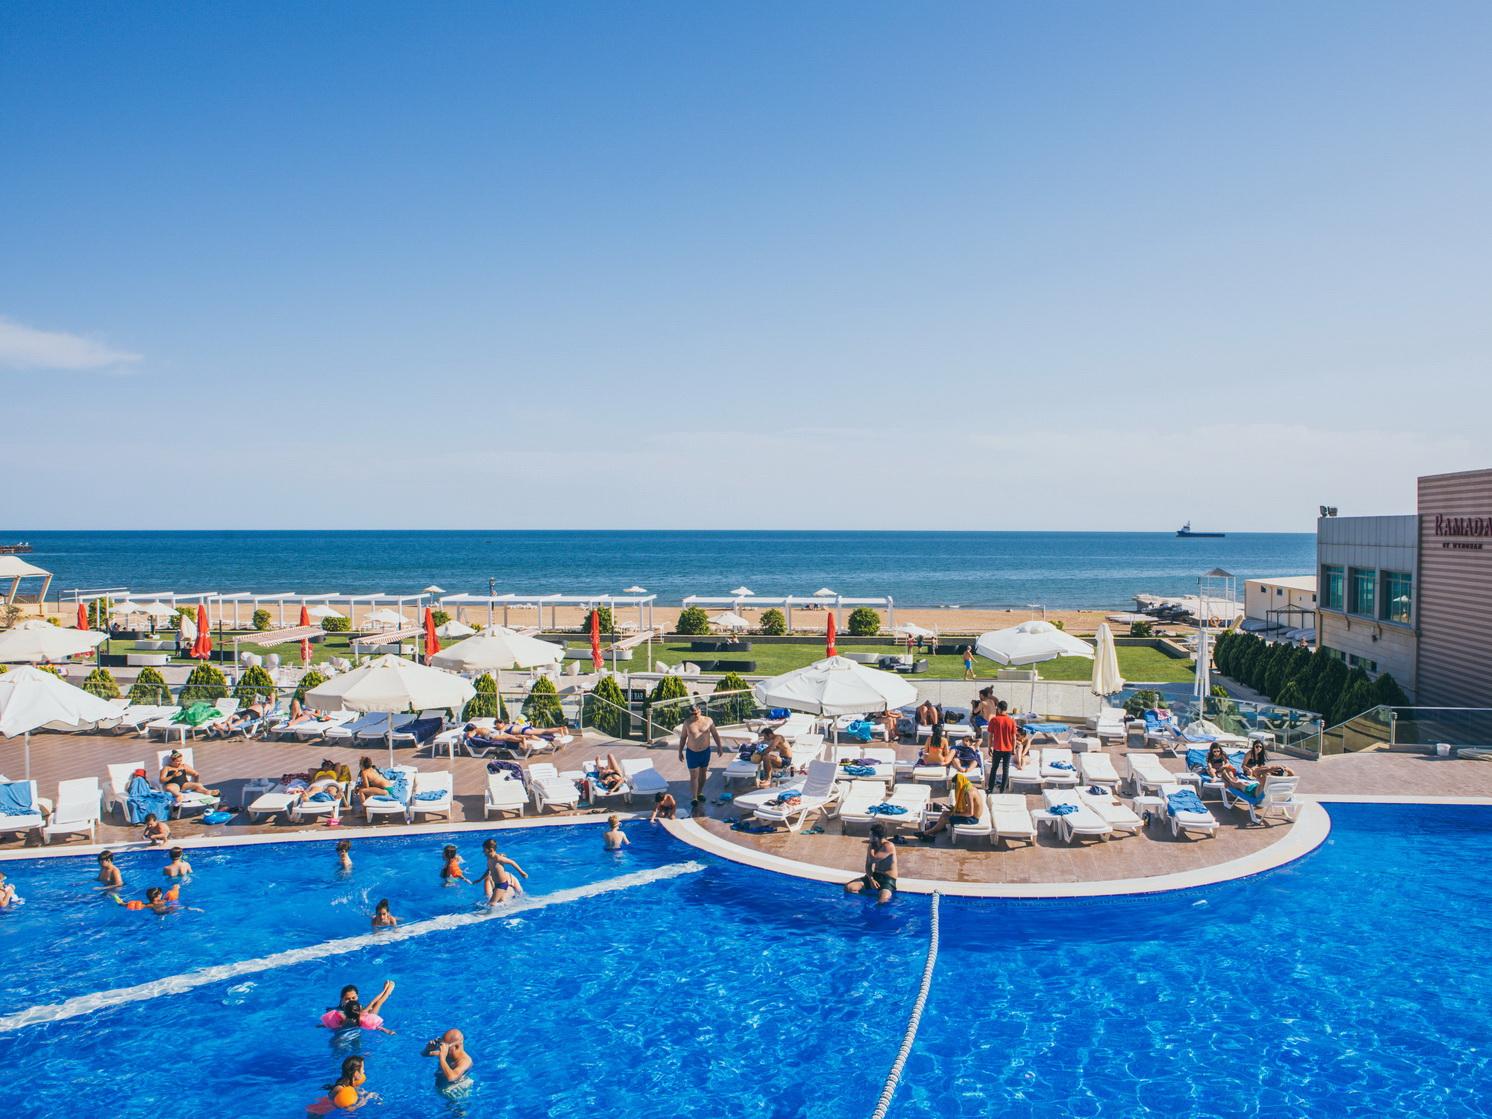 Открытие летнего сезона в Баку: где в столице искупаться и позагорать – ФОТО - ВИДЕО